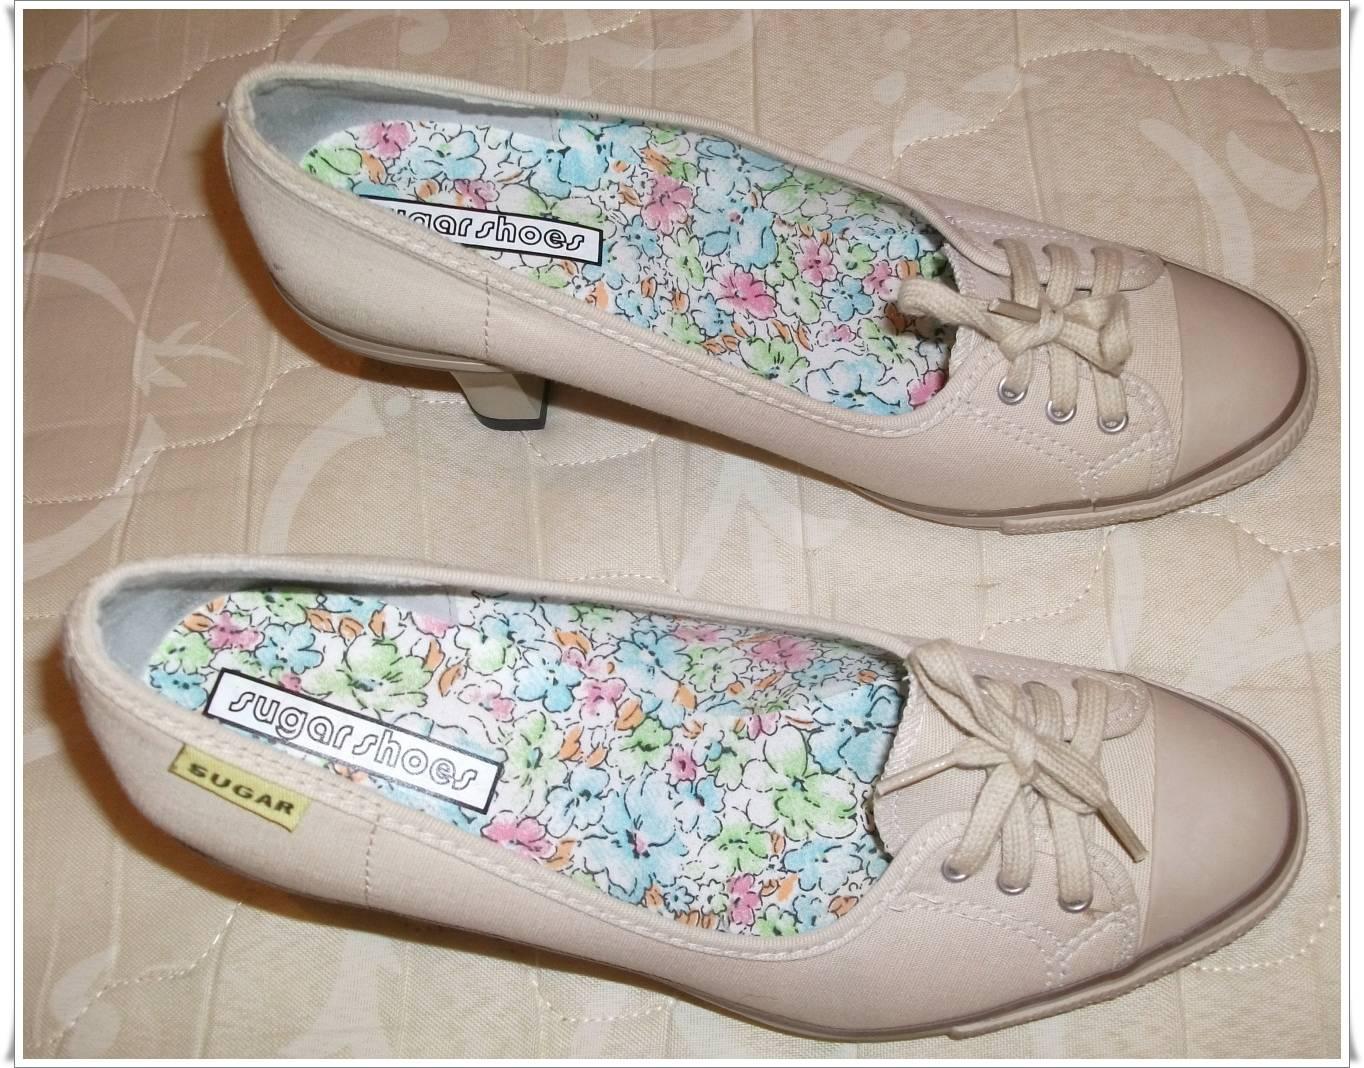 072f47abd Na cor Bege Fica perfeito se usado com Jeans Usado apenas 1 vez. Tamanho  nº39. Preço: R$60,00 - Frete Grátis. Sapato City Shoes